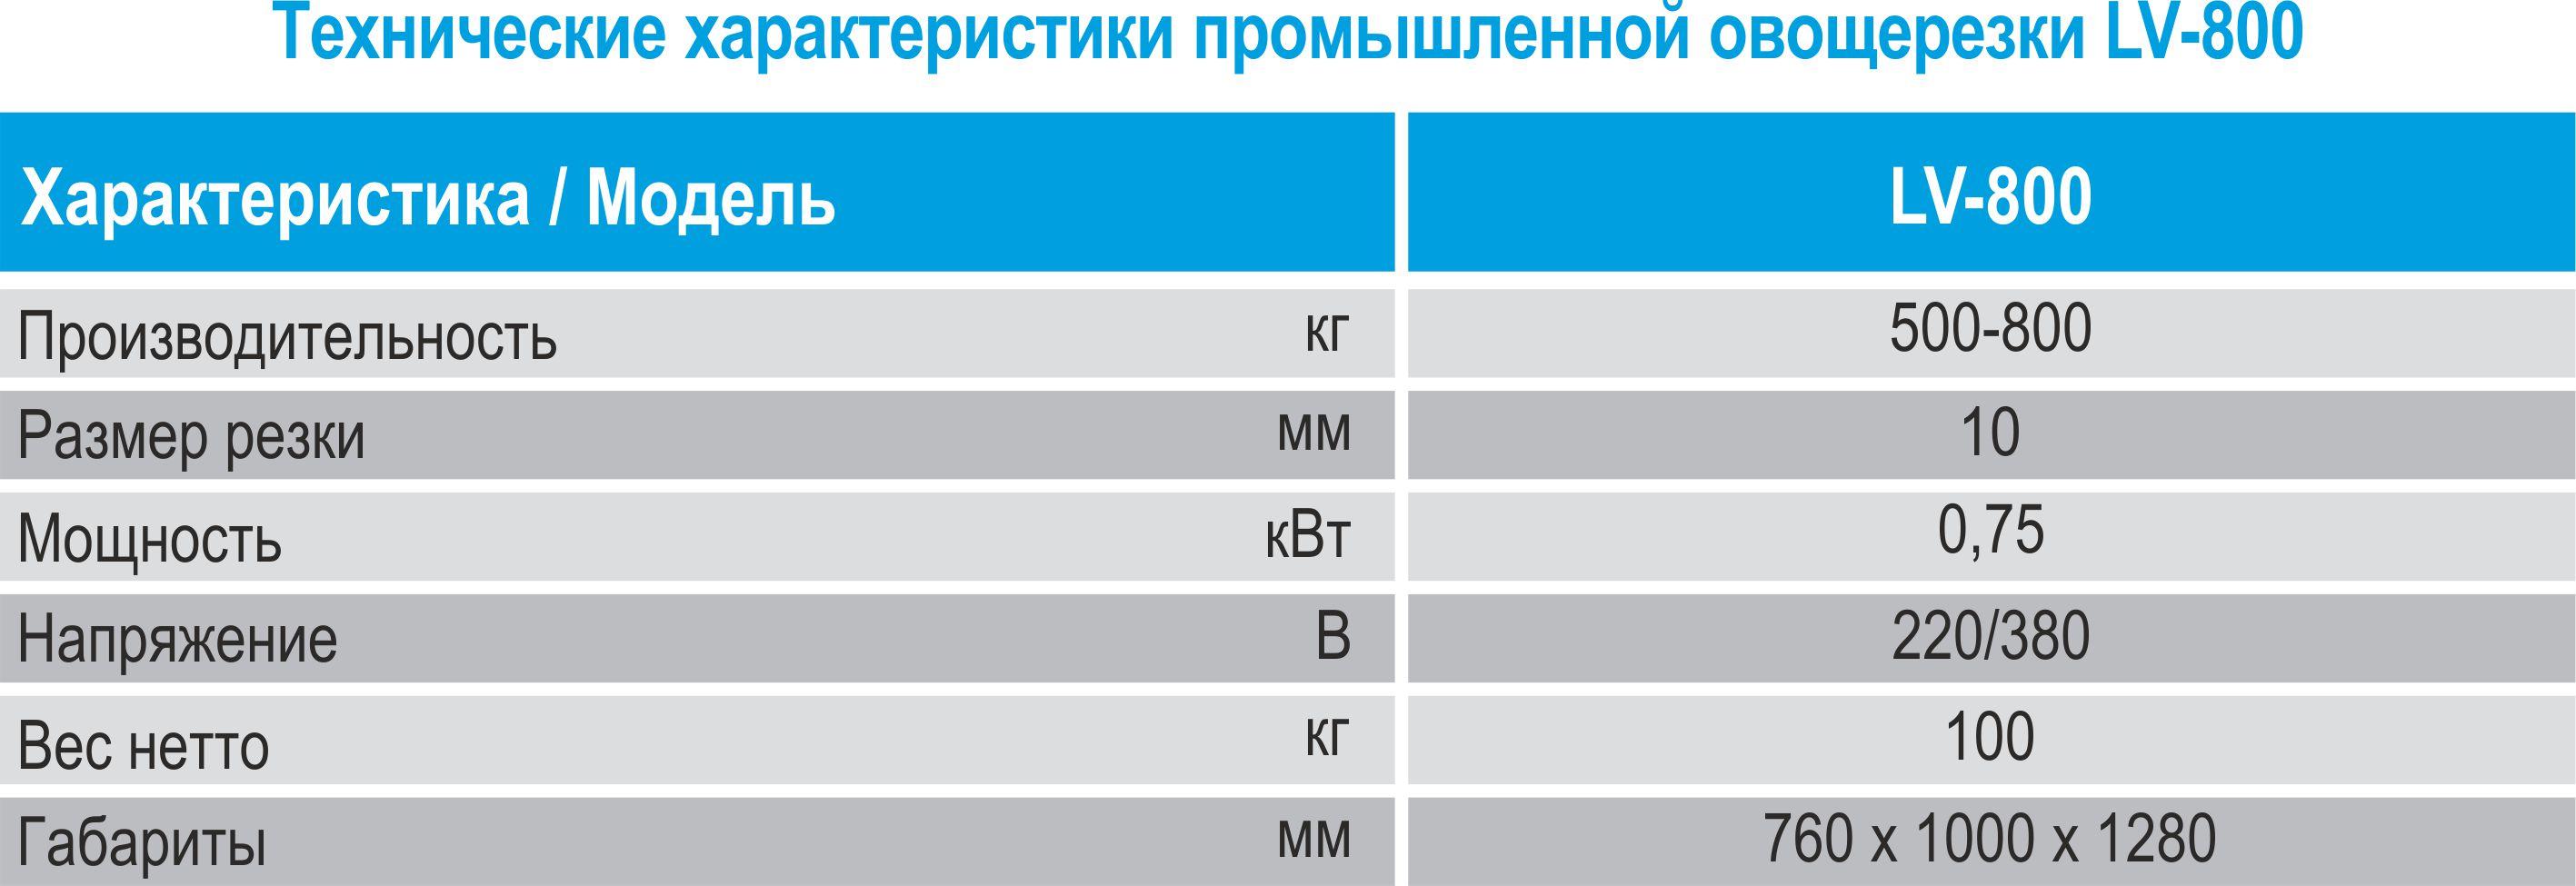 Tekhnicheskie kharakteristiki promyshlennoj ovoshcherezki LV 800 ot Spektrum